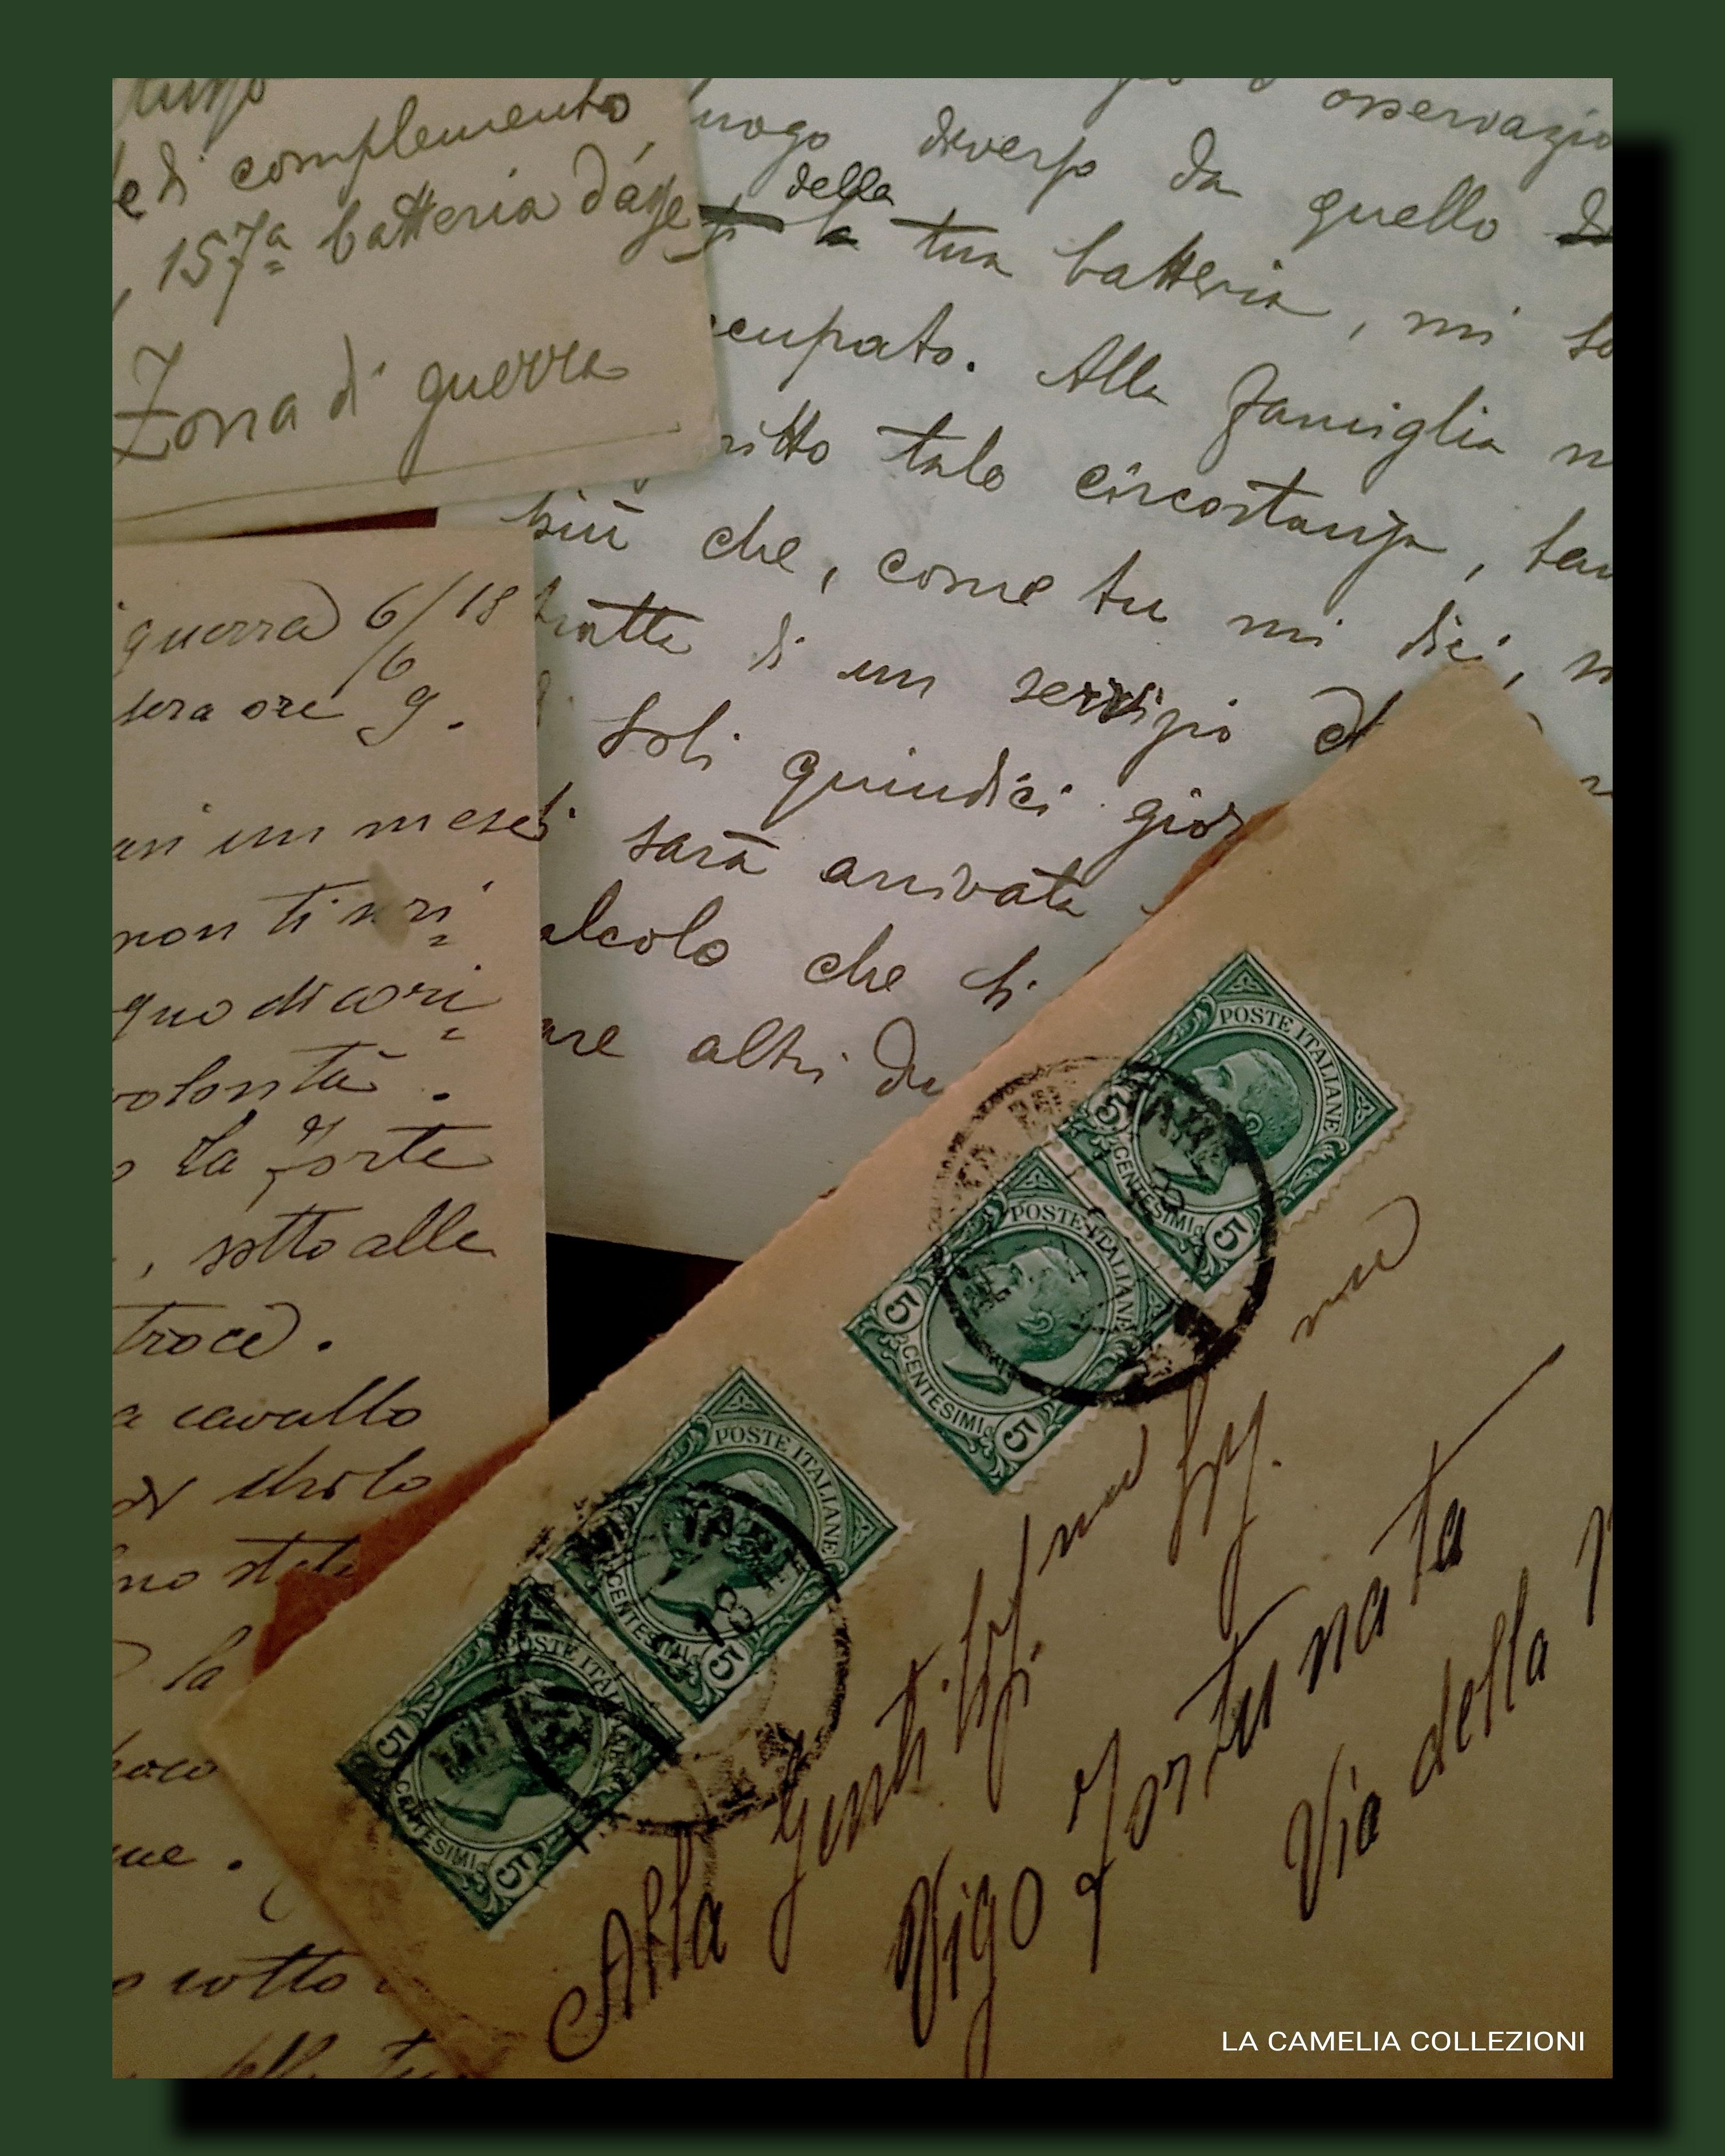 storia postale, annulli e timbri - collezione 01 - la camelia collezioni